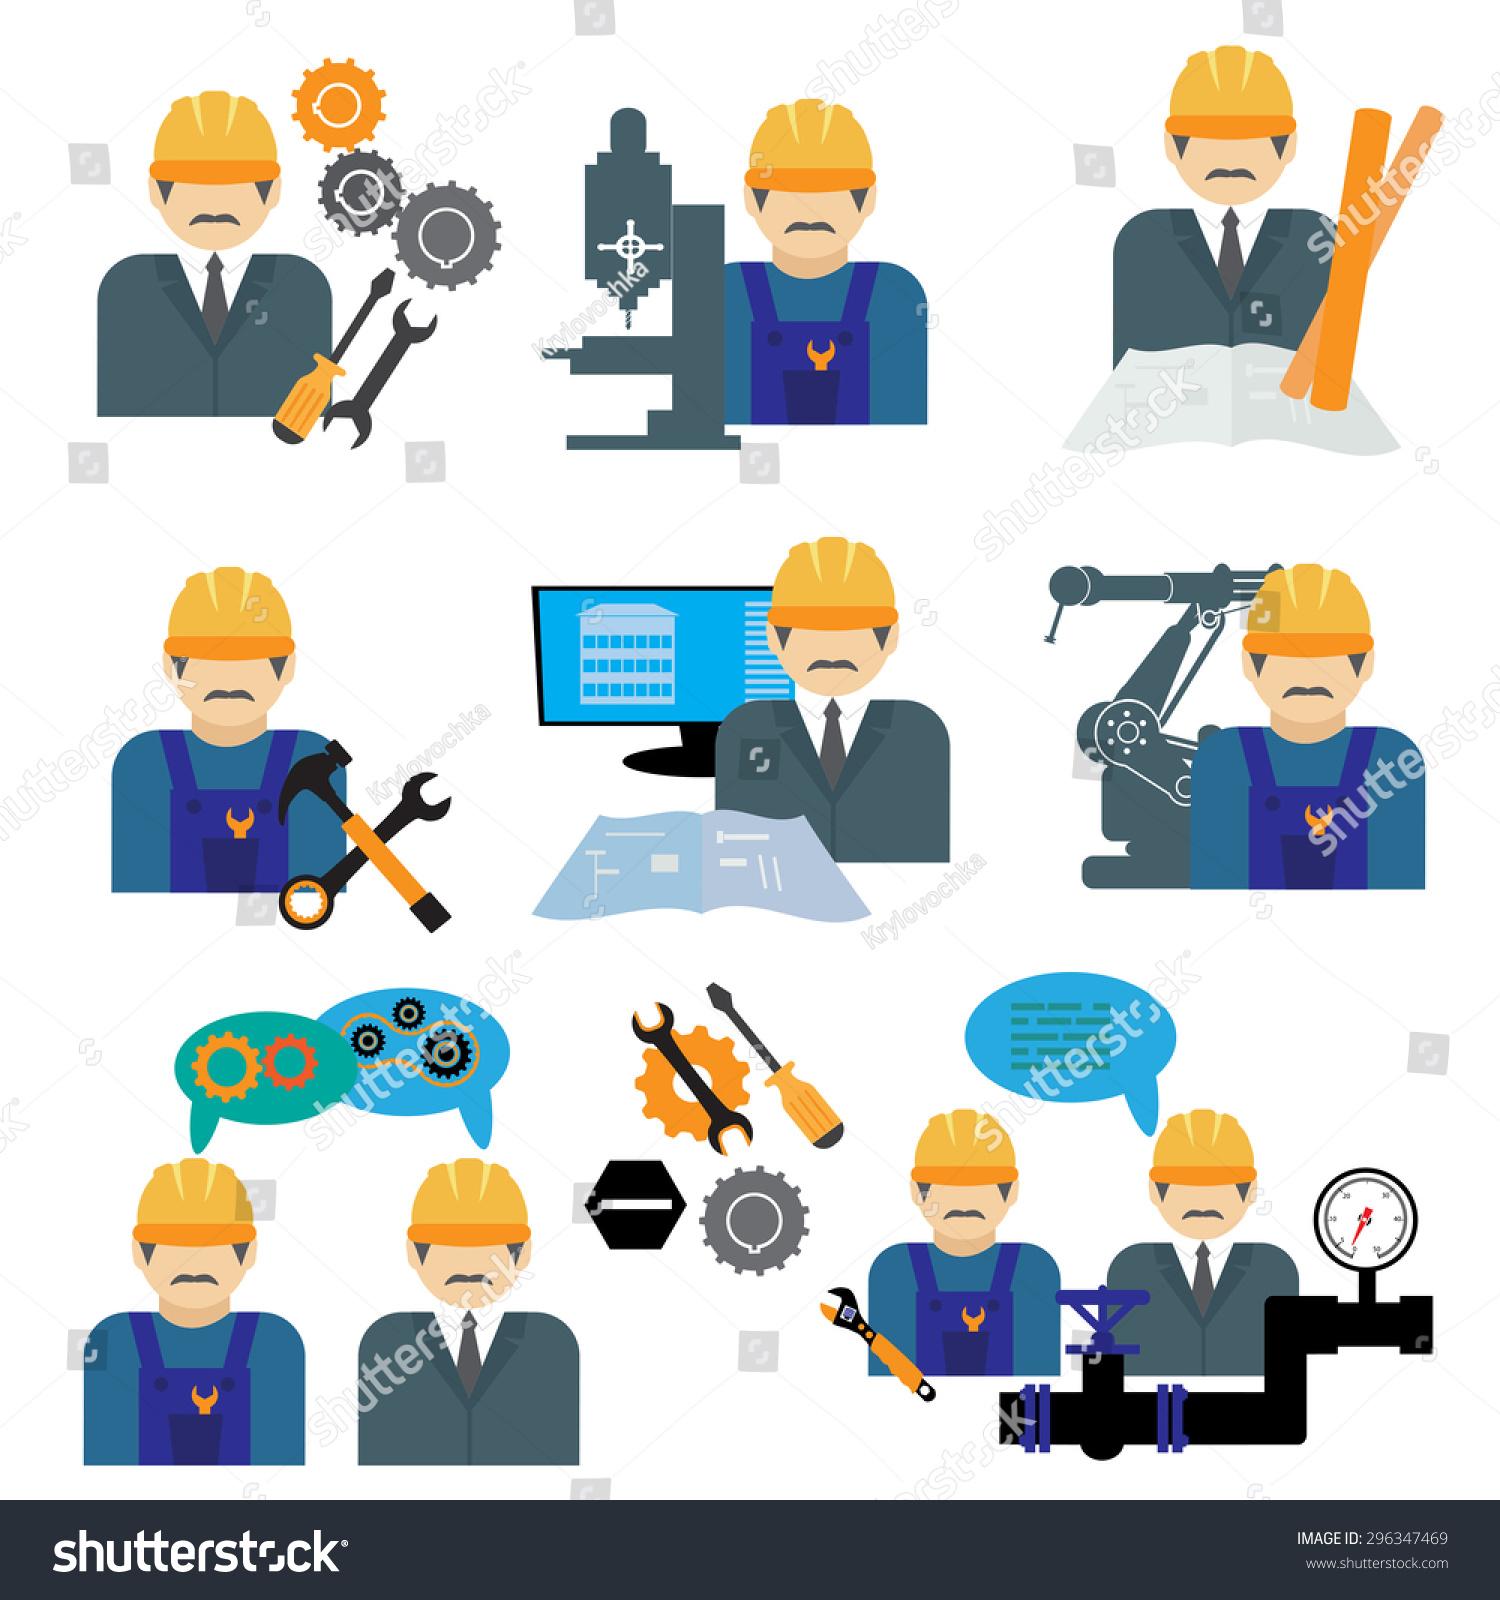 Industrial engineering clipart vector transparent download Industrial Engineering Clip Art – Clipart Download - Free Clipart vector transparent download